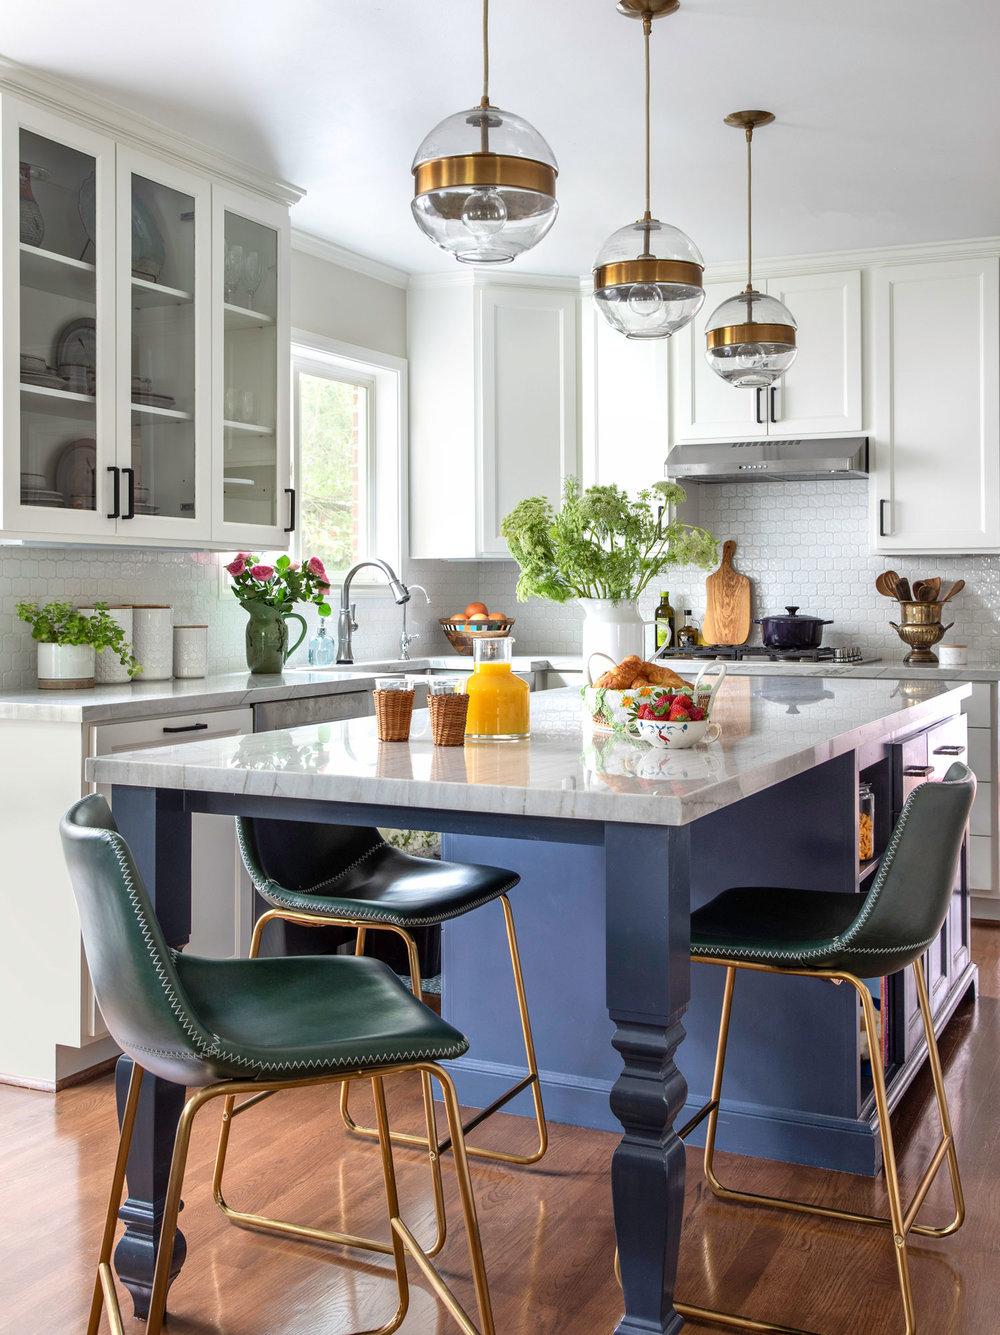 Yếu tố nhỏ nhưng có sức níu kéo cực lớn khiến bạn chẳng nỡ rời khỏi căn bếp gia đình - Ảnh 9.